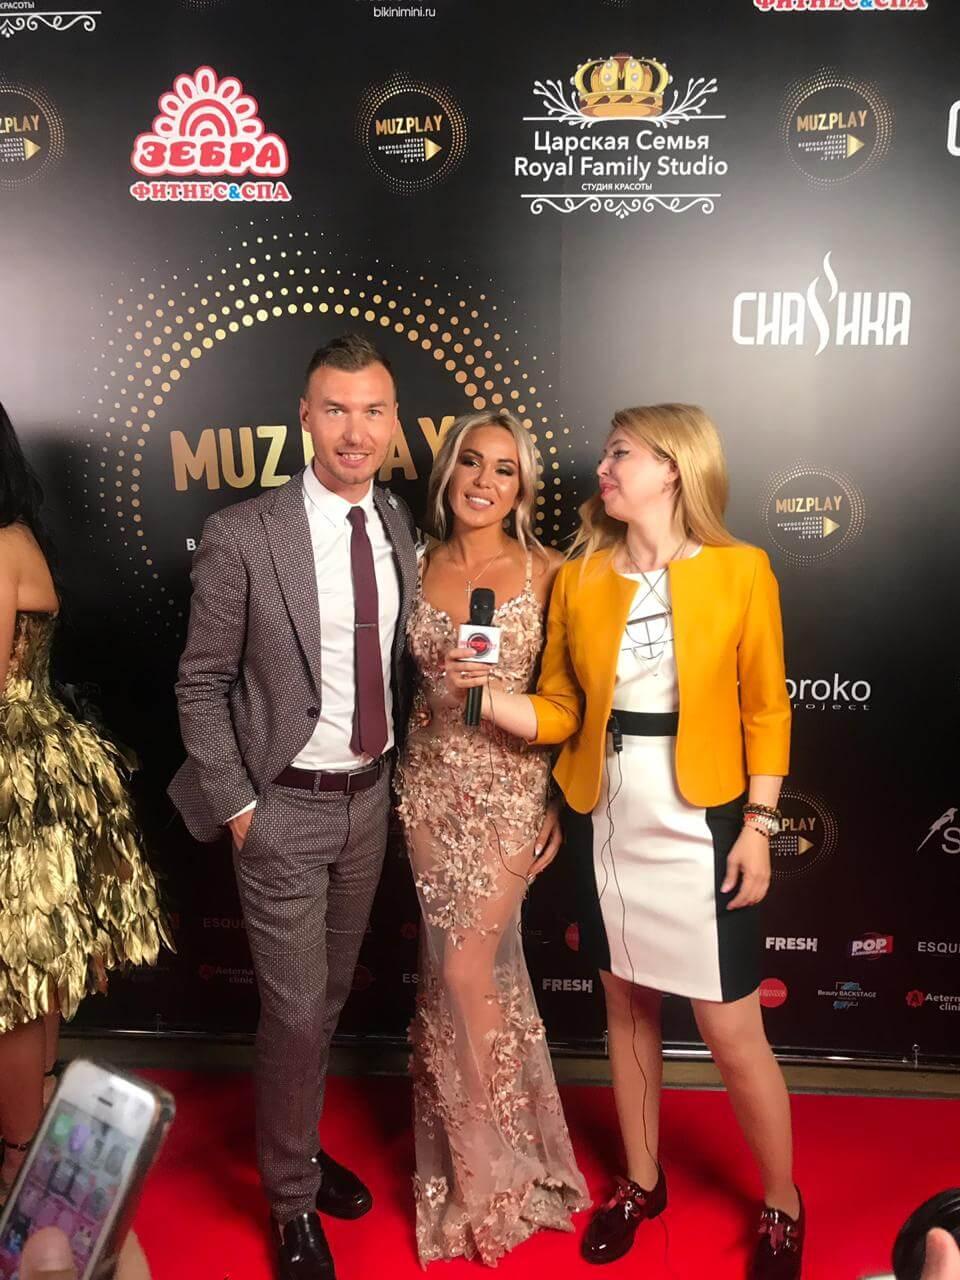 Музыкальная премия MUZPLAY 2019 в МОСКВА CLUB 1000 гостей